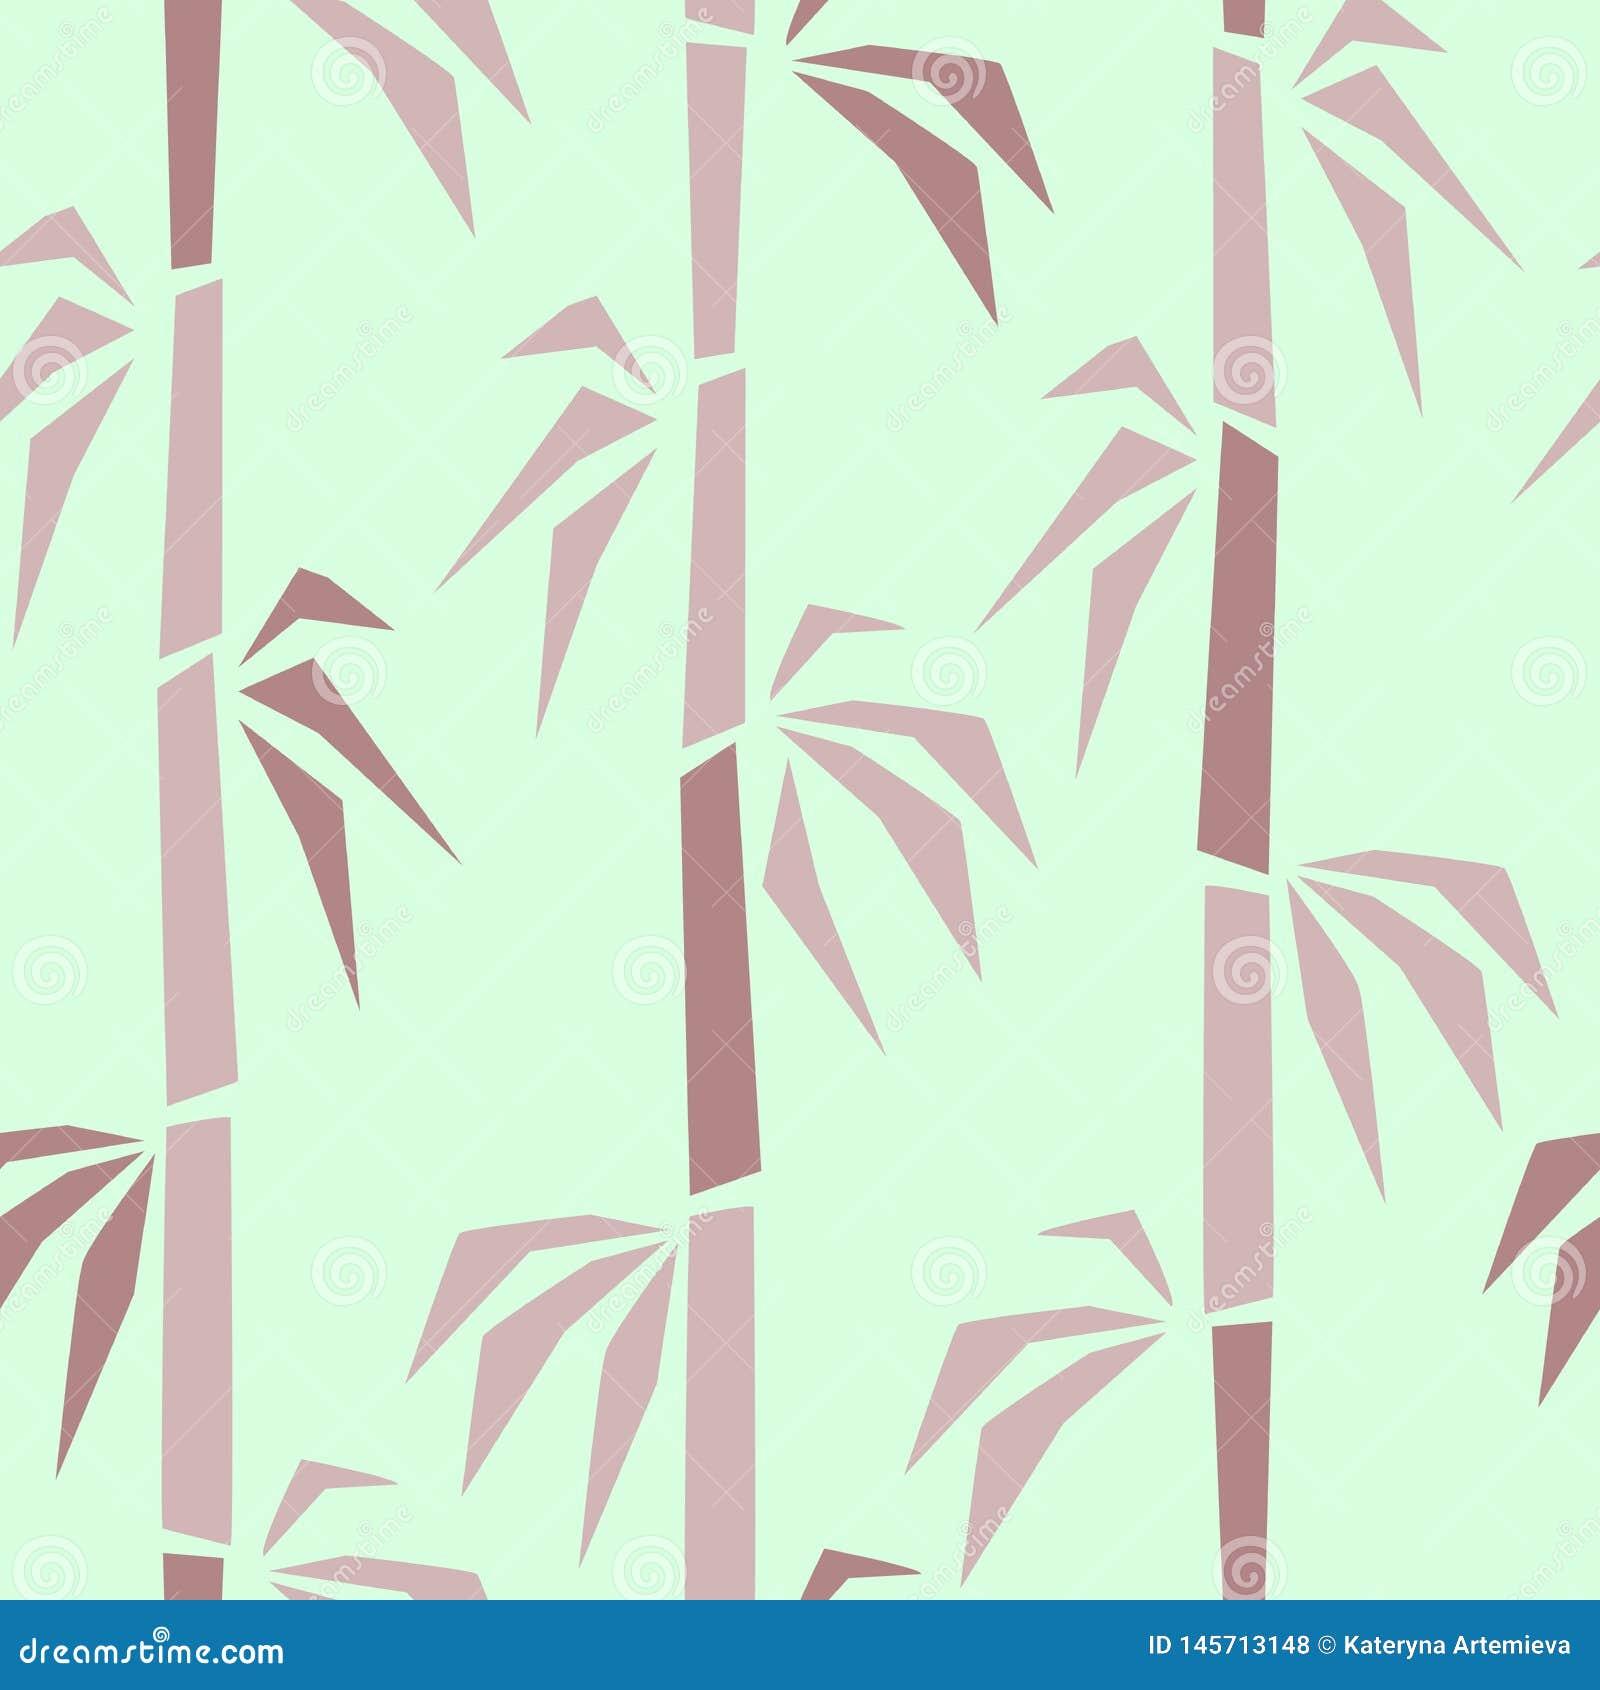 Bamboo surface seamless pattern